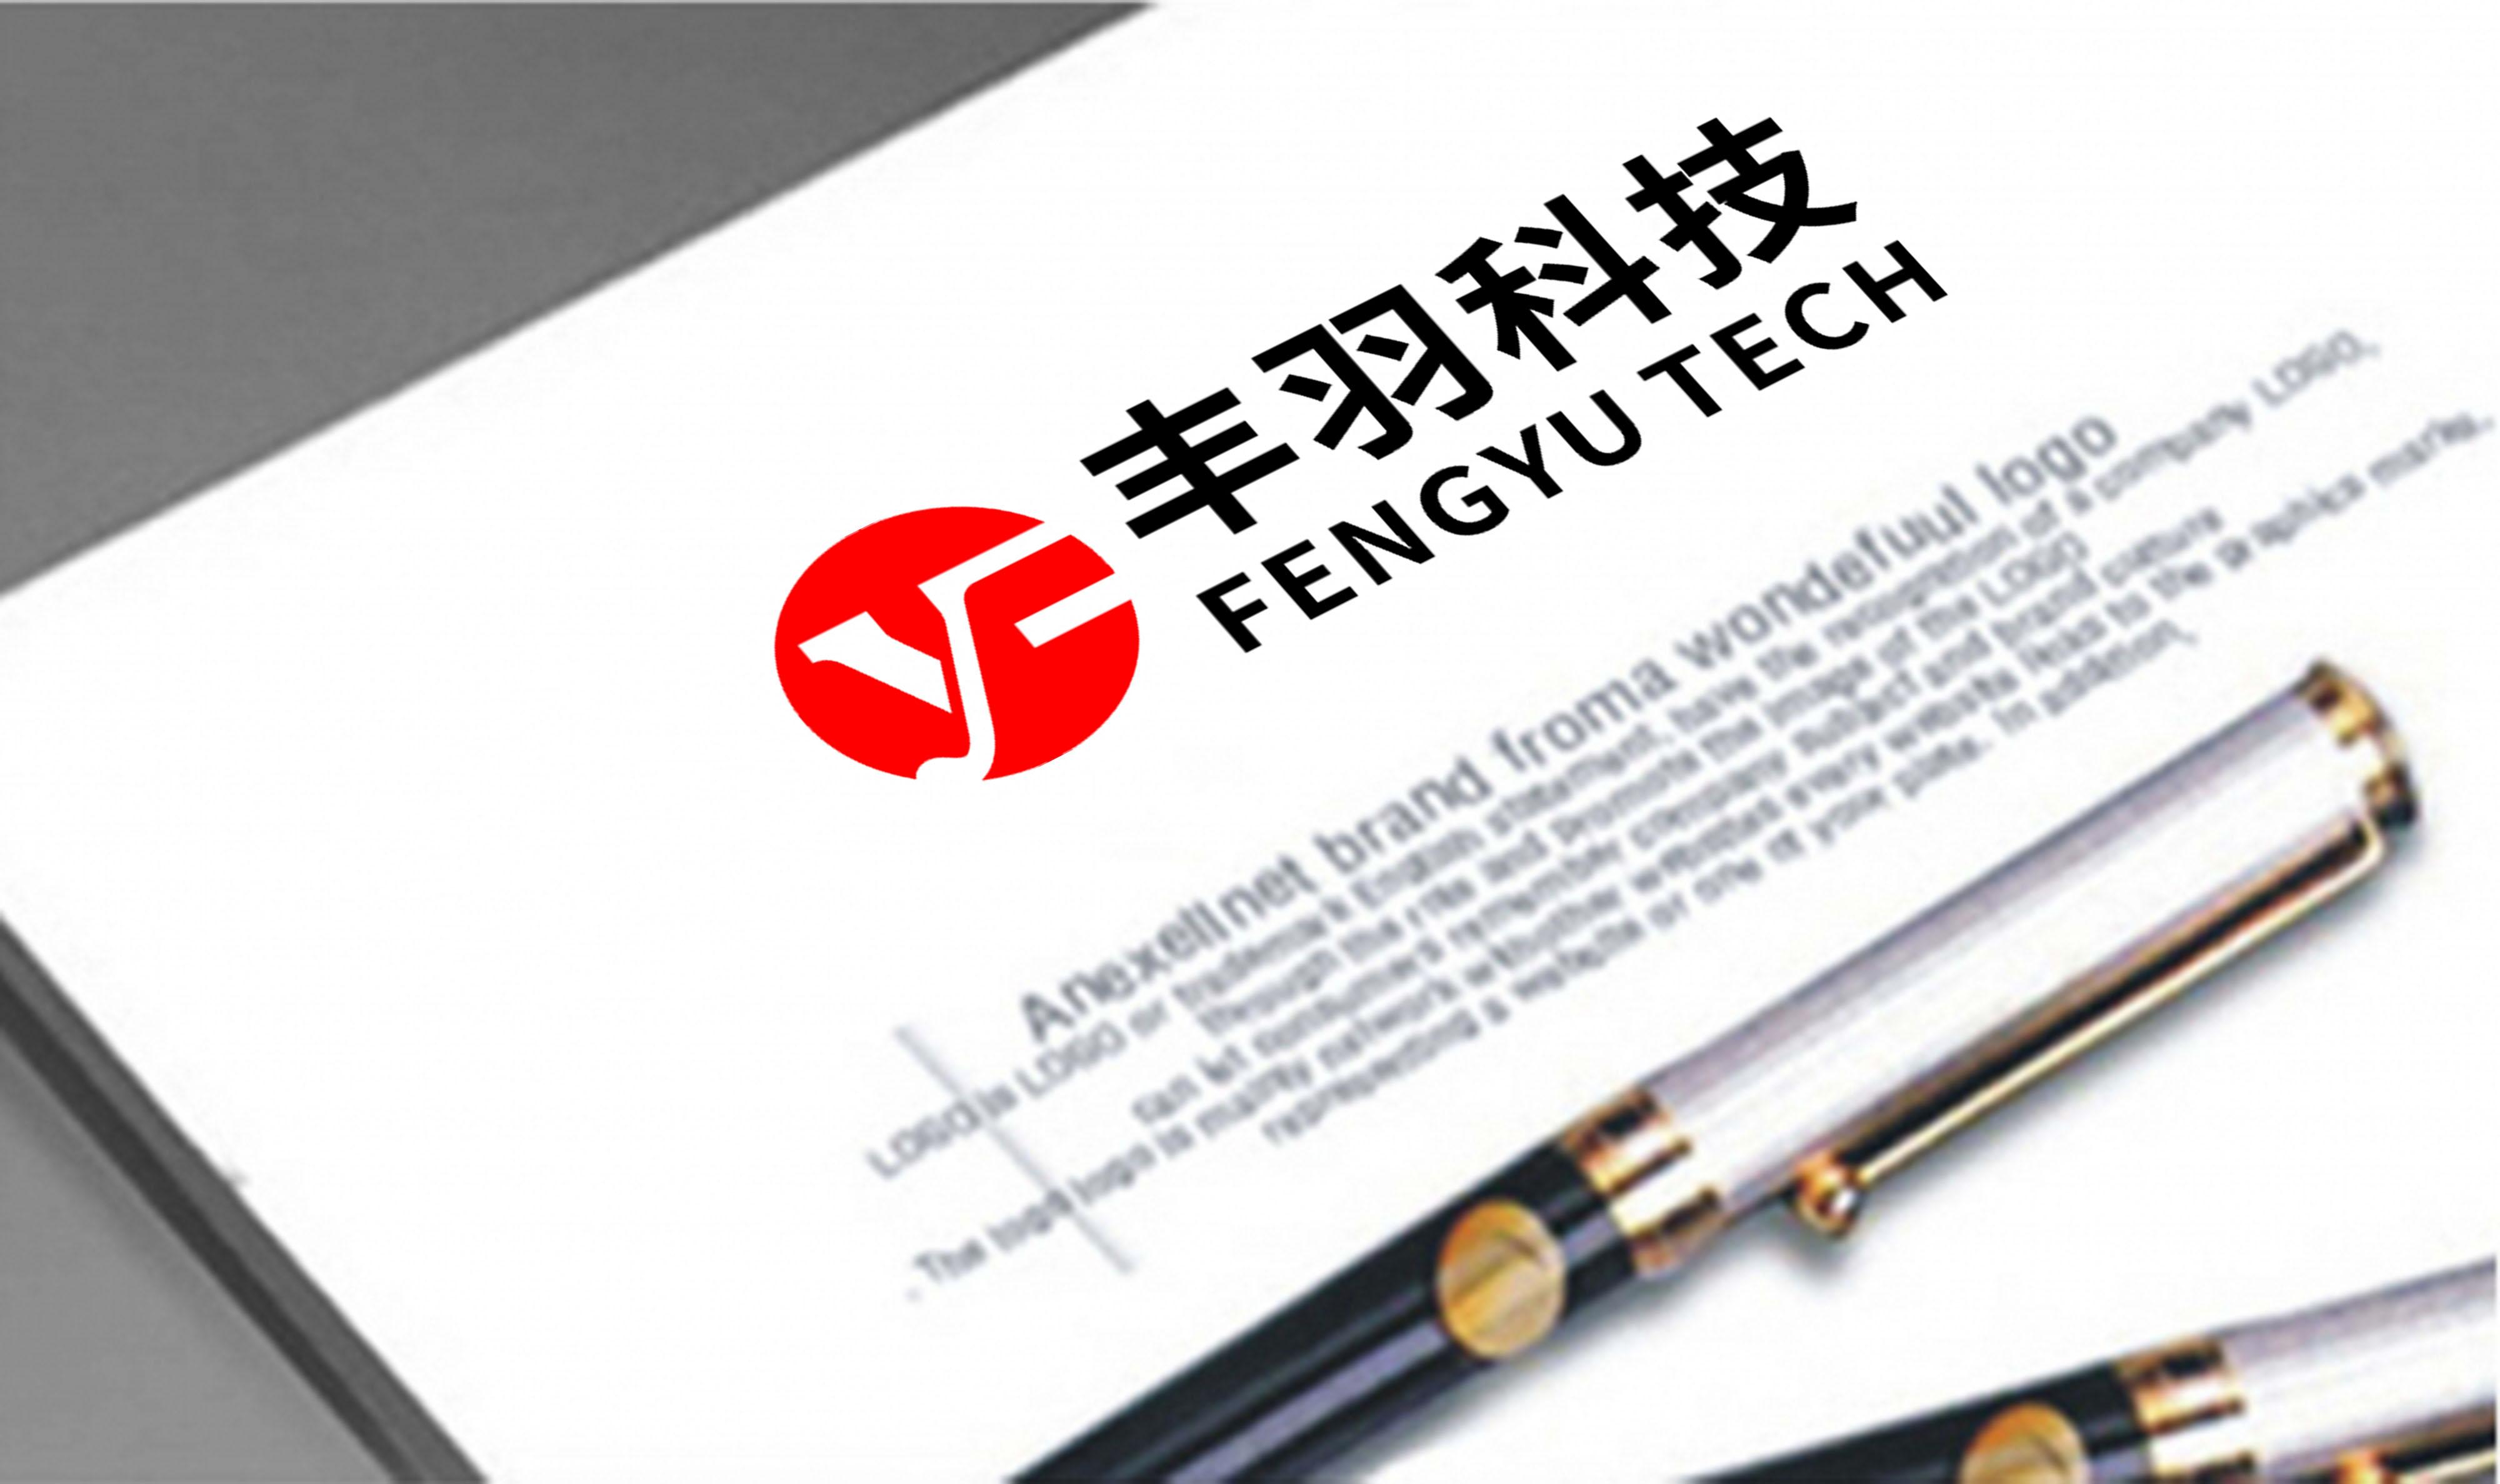 商标logo设计(内容有补充3.23)_3036664_k68威客网